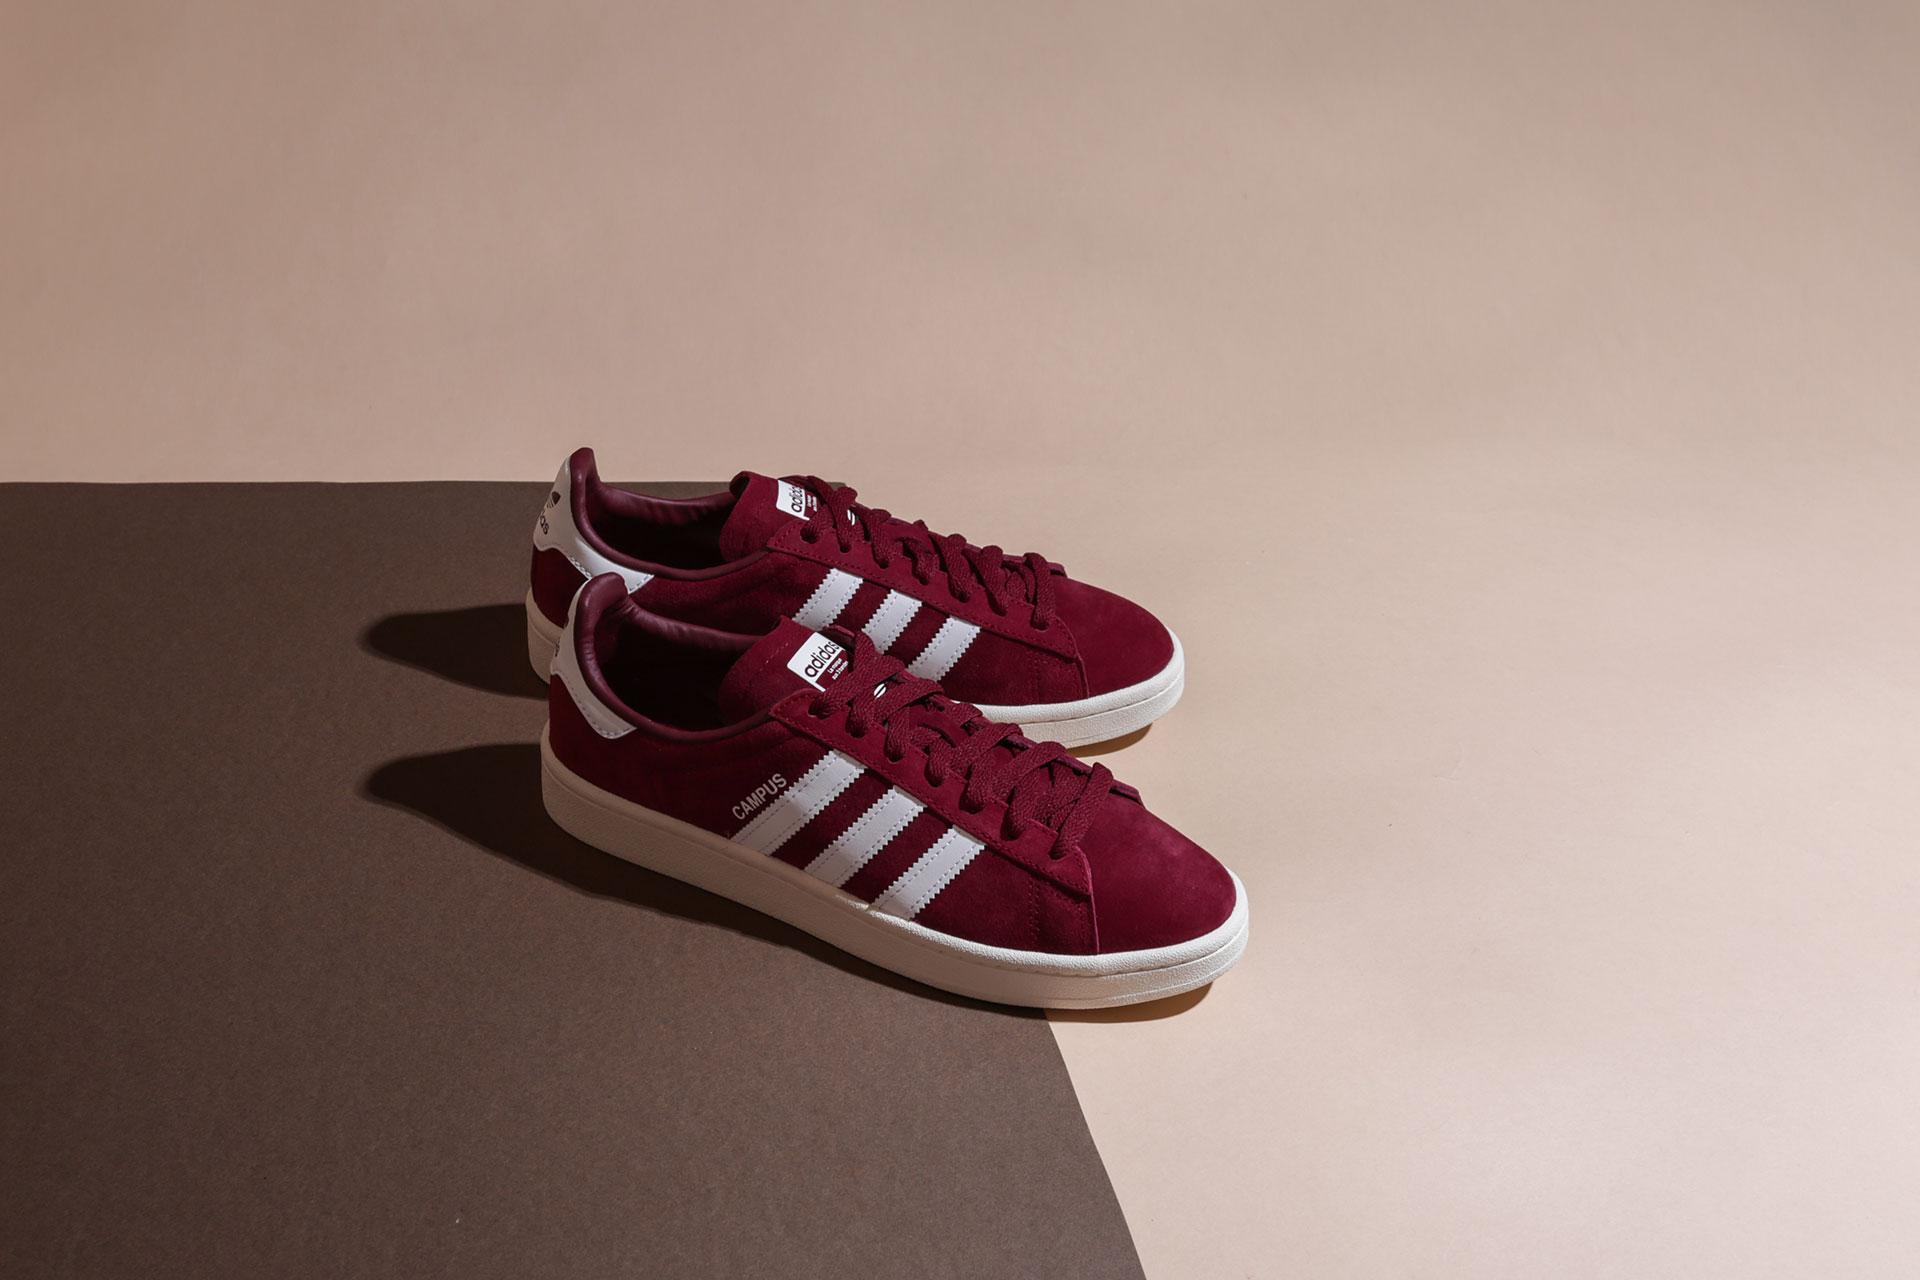 3897321ac50ee0 Купить бордовые мужские кроссовки Campus от adidas Originals (BZ0087 ...